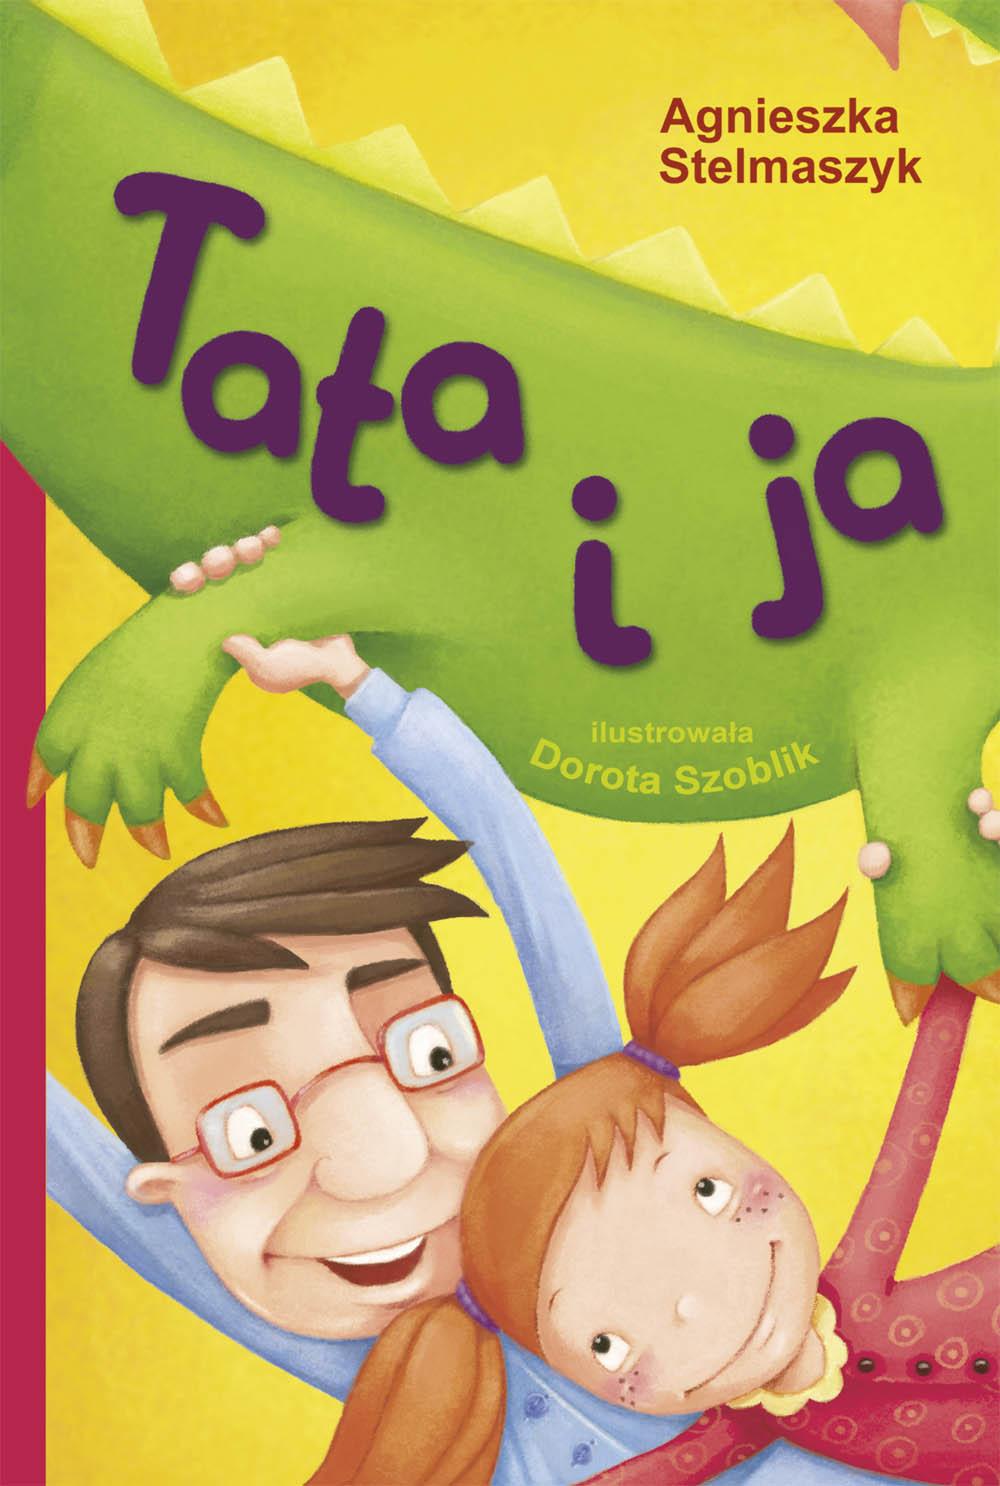 Książka do czytania Tata i ja - 72 str.